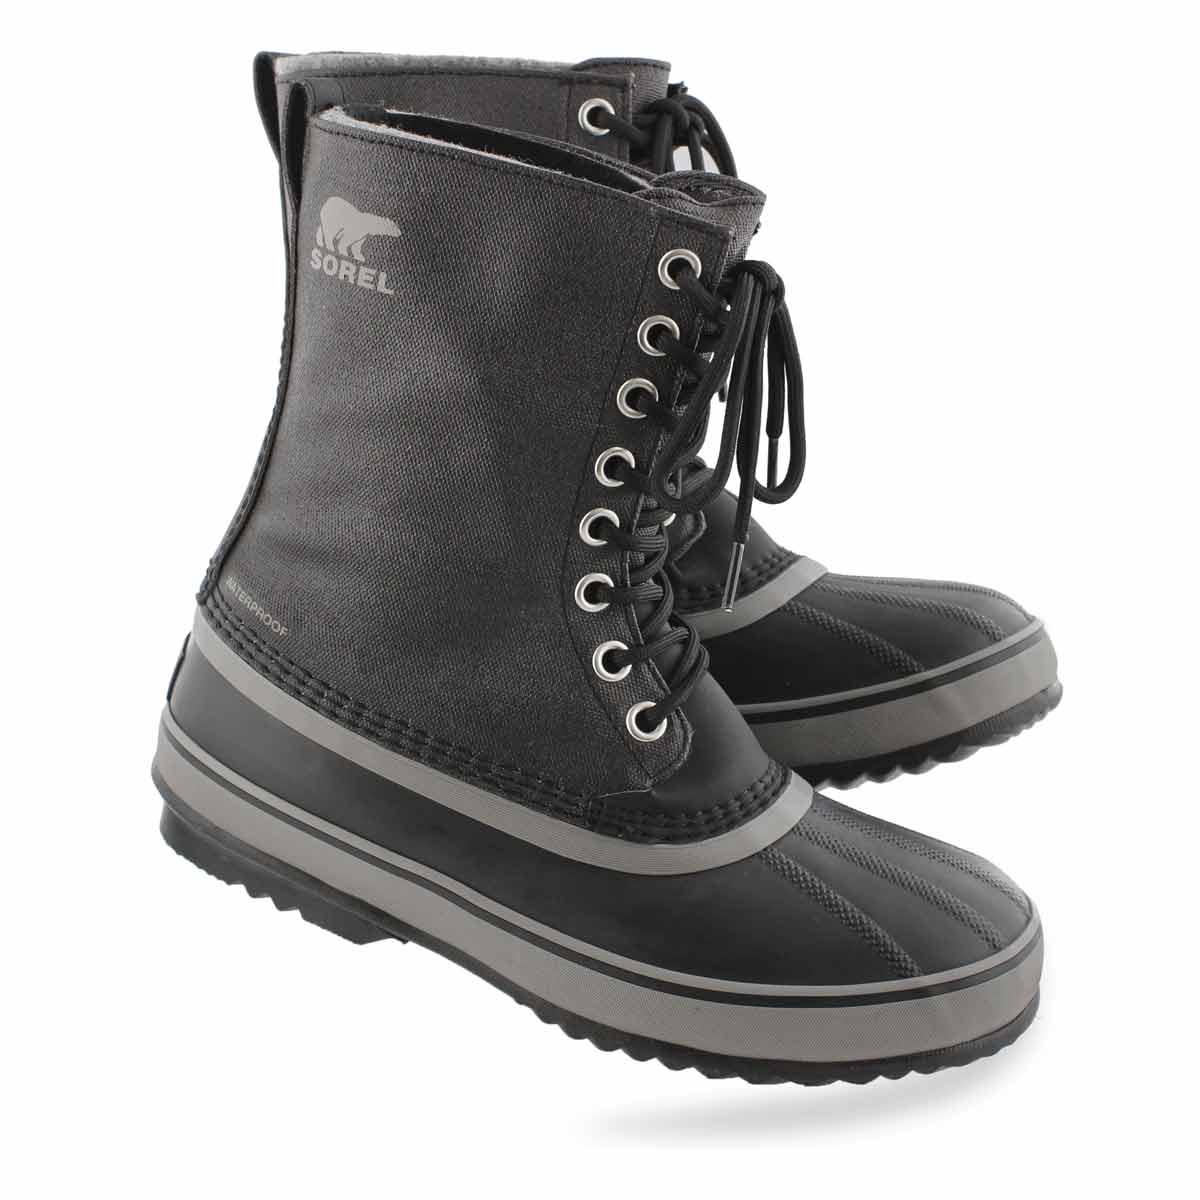 Mns 1964 CVS blk/quarry wtpf wntr boot